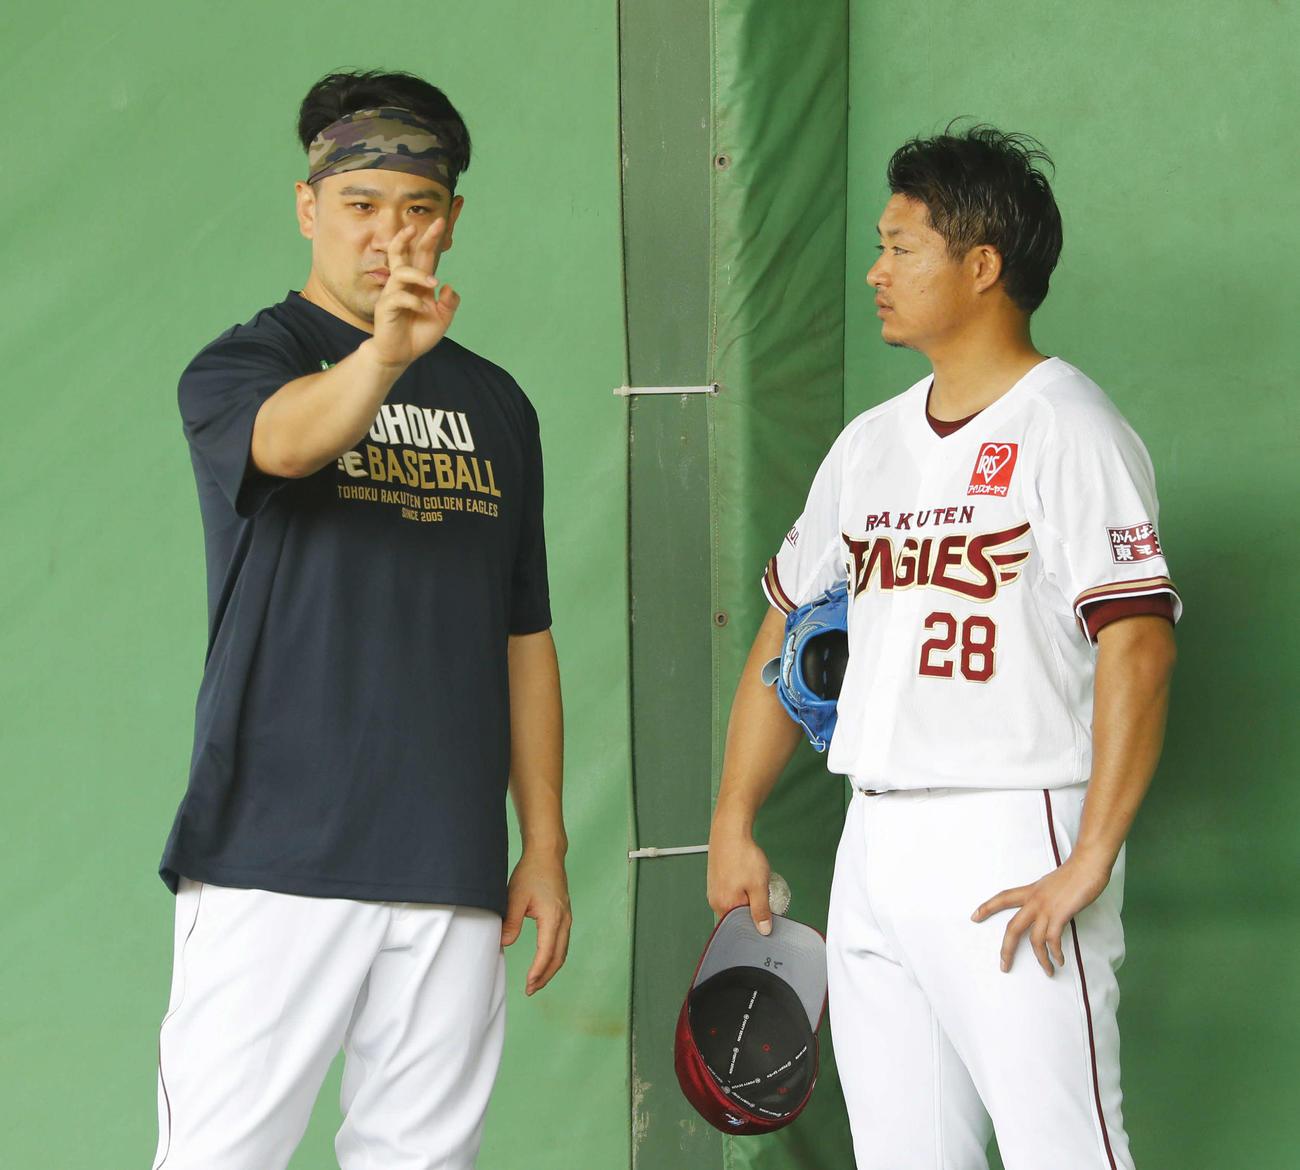 ブルペンをチェックした楽天田中将(左)は酒居にアドバイス